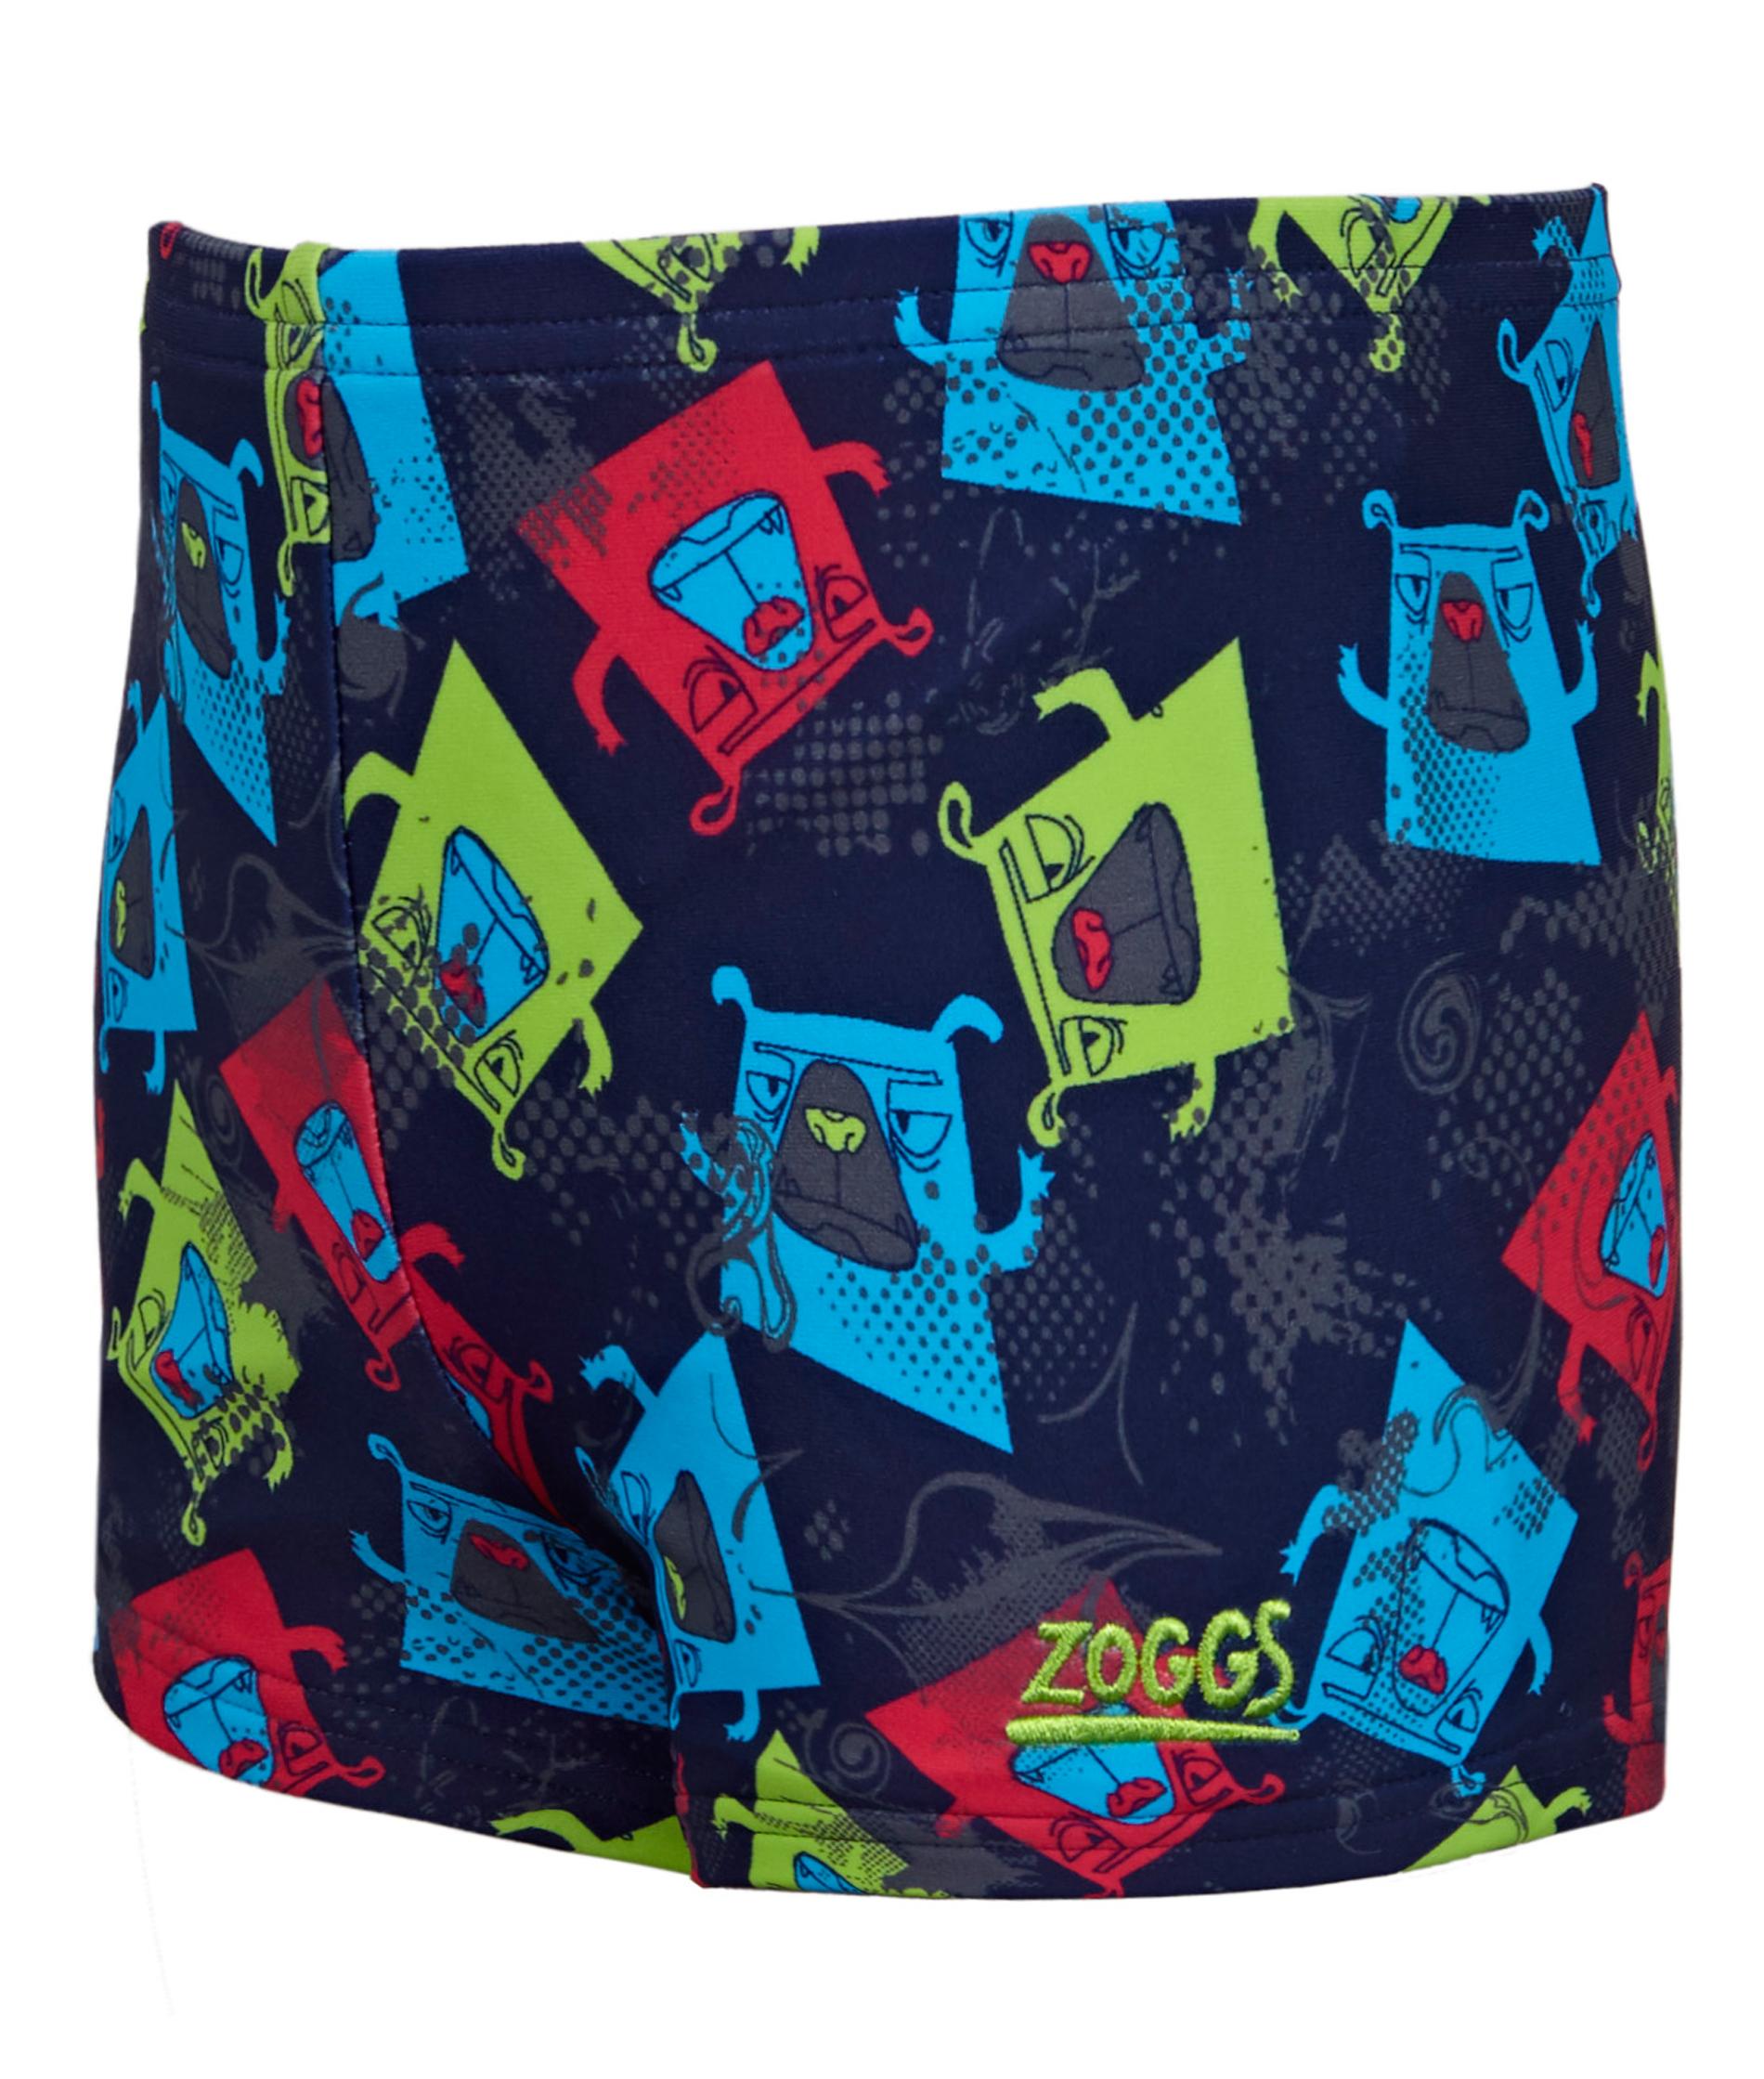 Zoggs Boys Boxer Dog Hip Racer